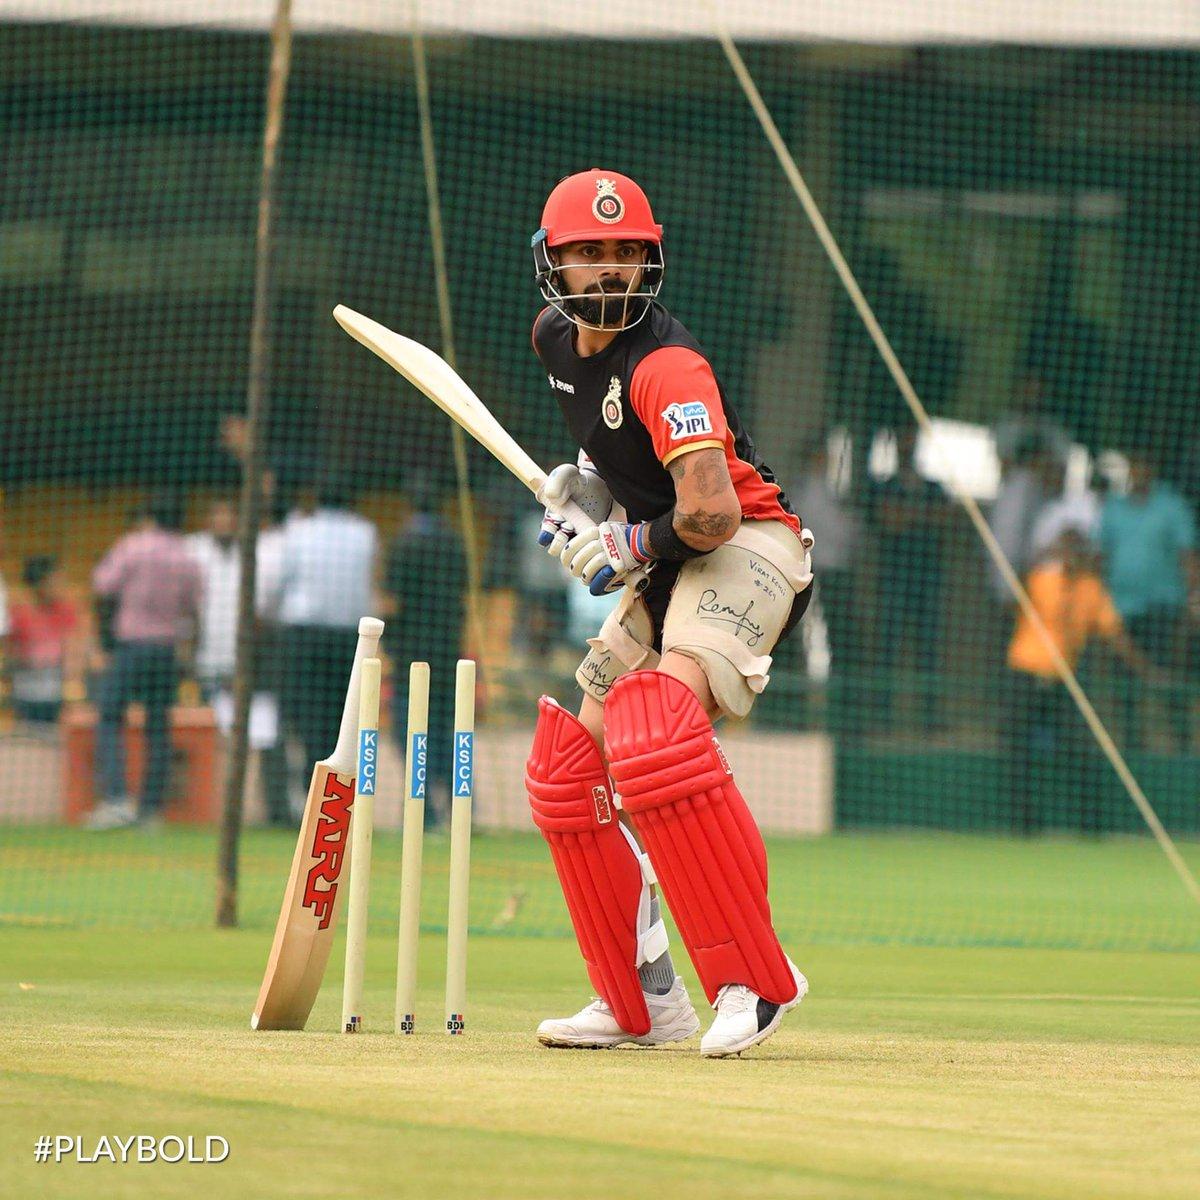 IPL 2018: Virat Kohli reveals why his break from cricket was weird 2